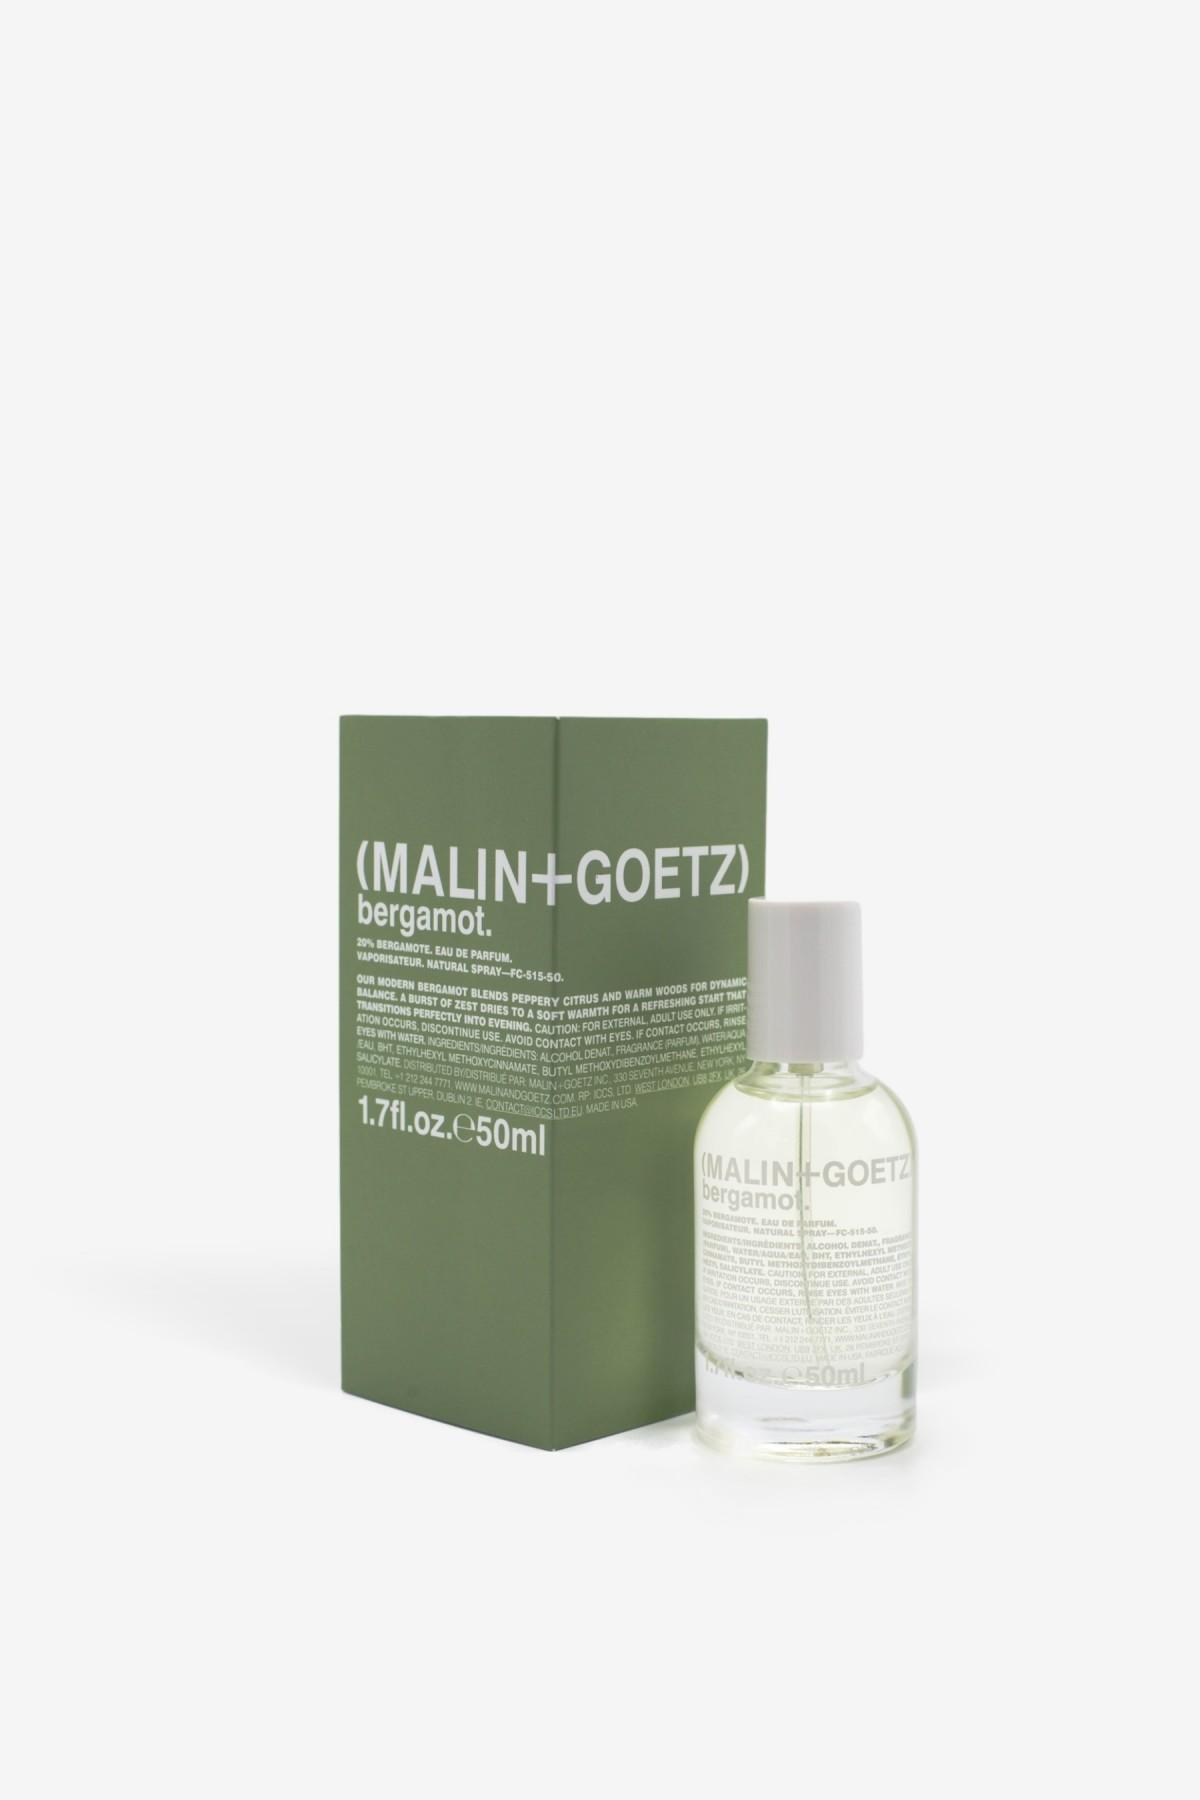 Malin+Goetz Bergamot Eau de Toilette 50ml in